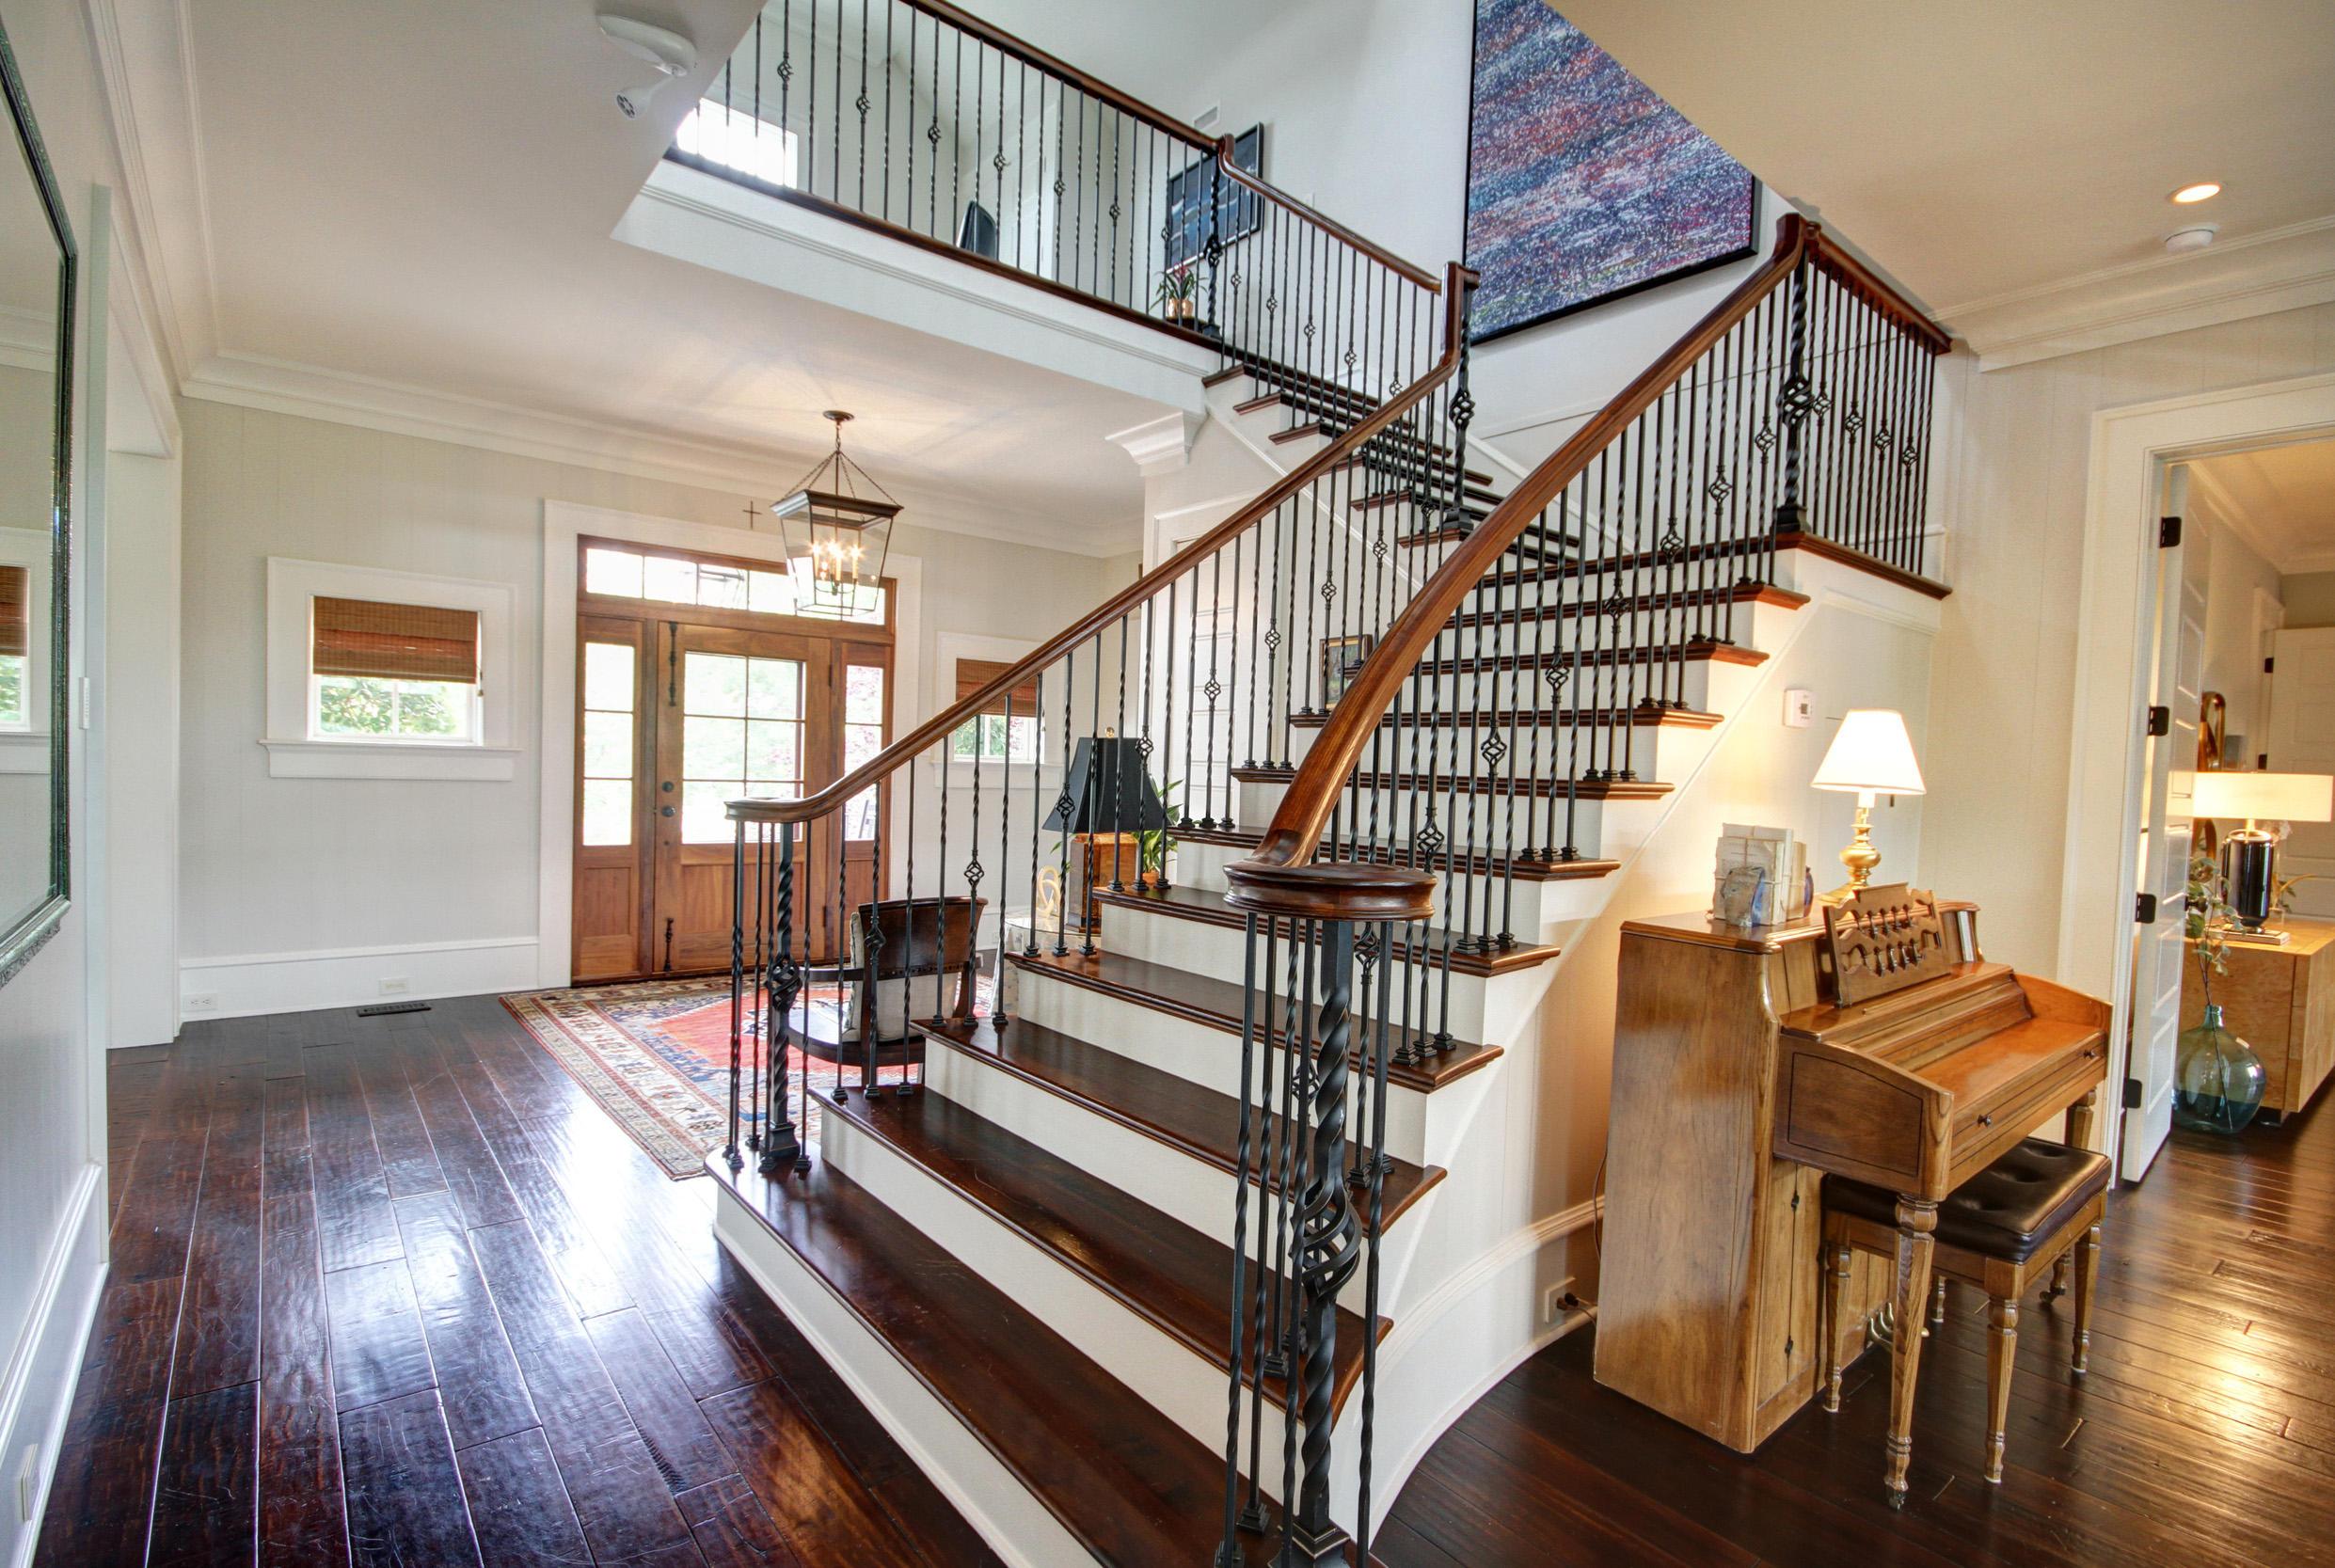 Belle Hall Homes For Sale - 821 Bridgetown Pass, Mount Pleasant, SC - 41